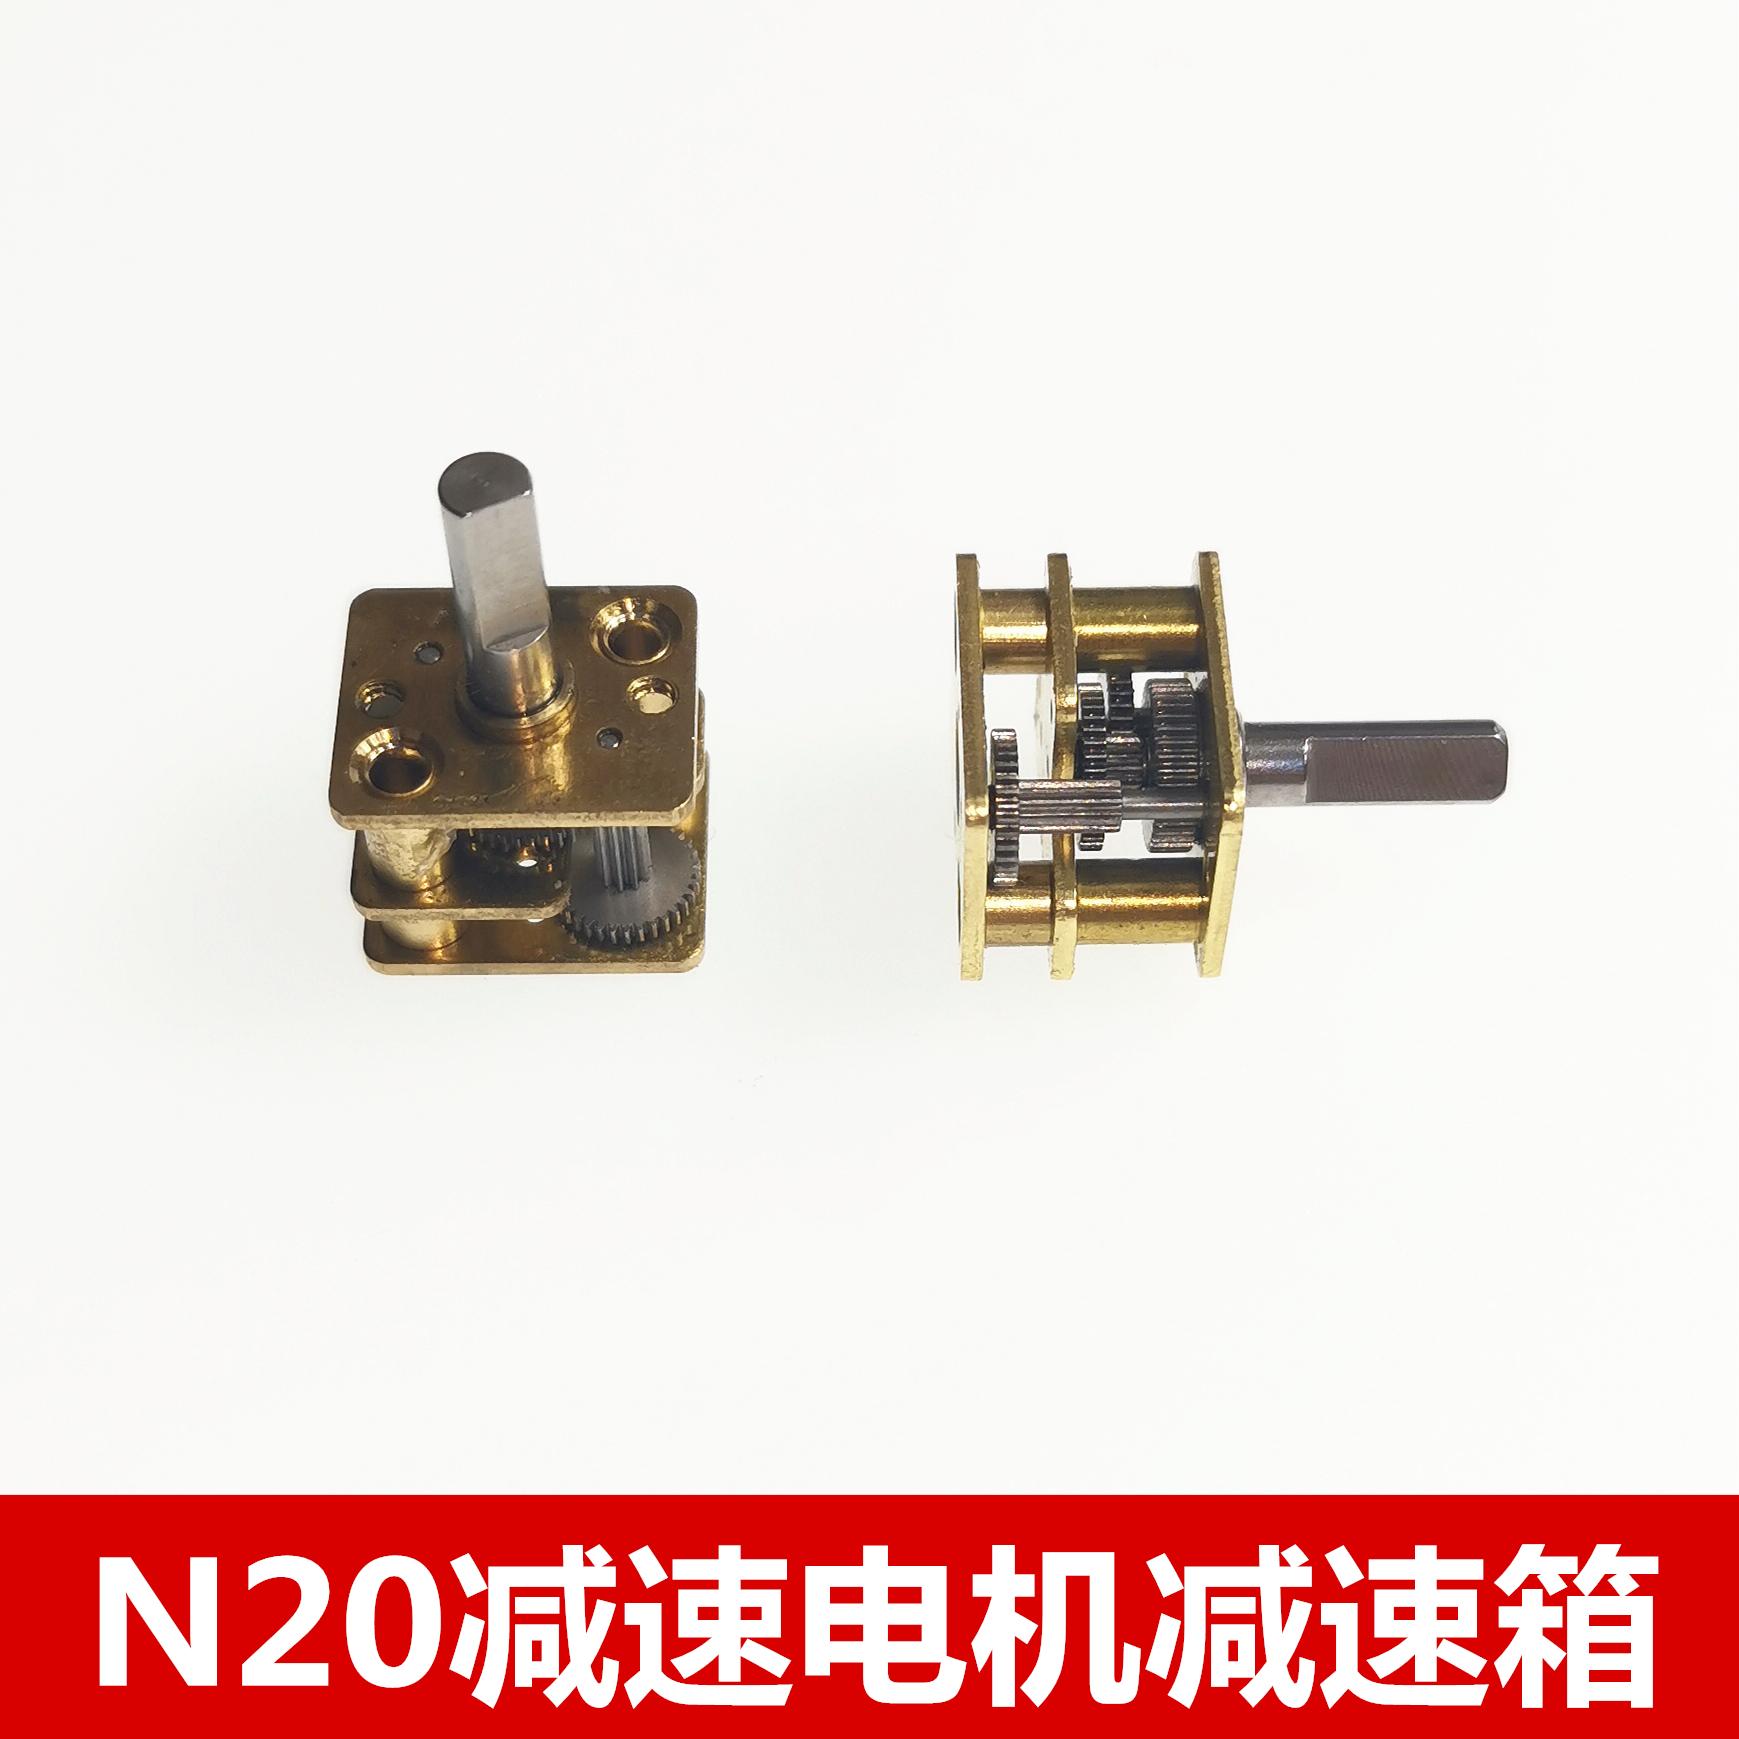 N20减速头微型低速直流小电机diy变速箱金属齿轮减速箱马达带齿轮